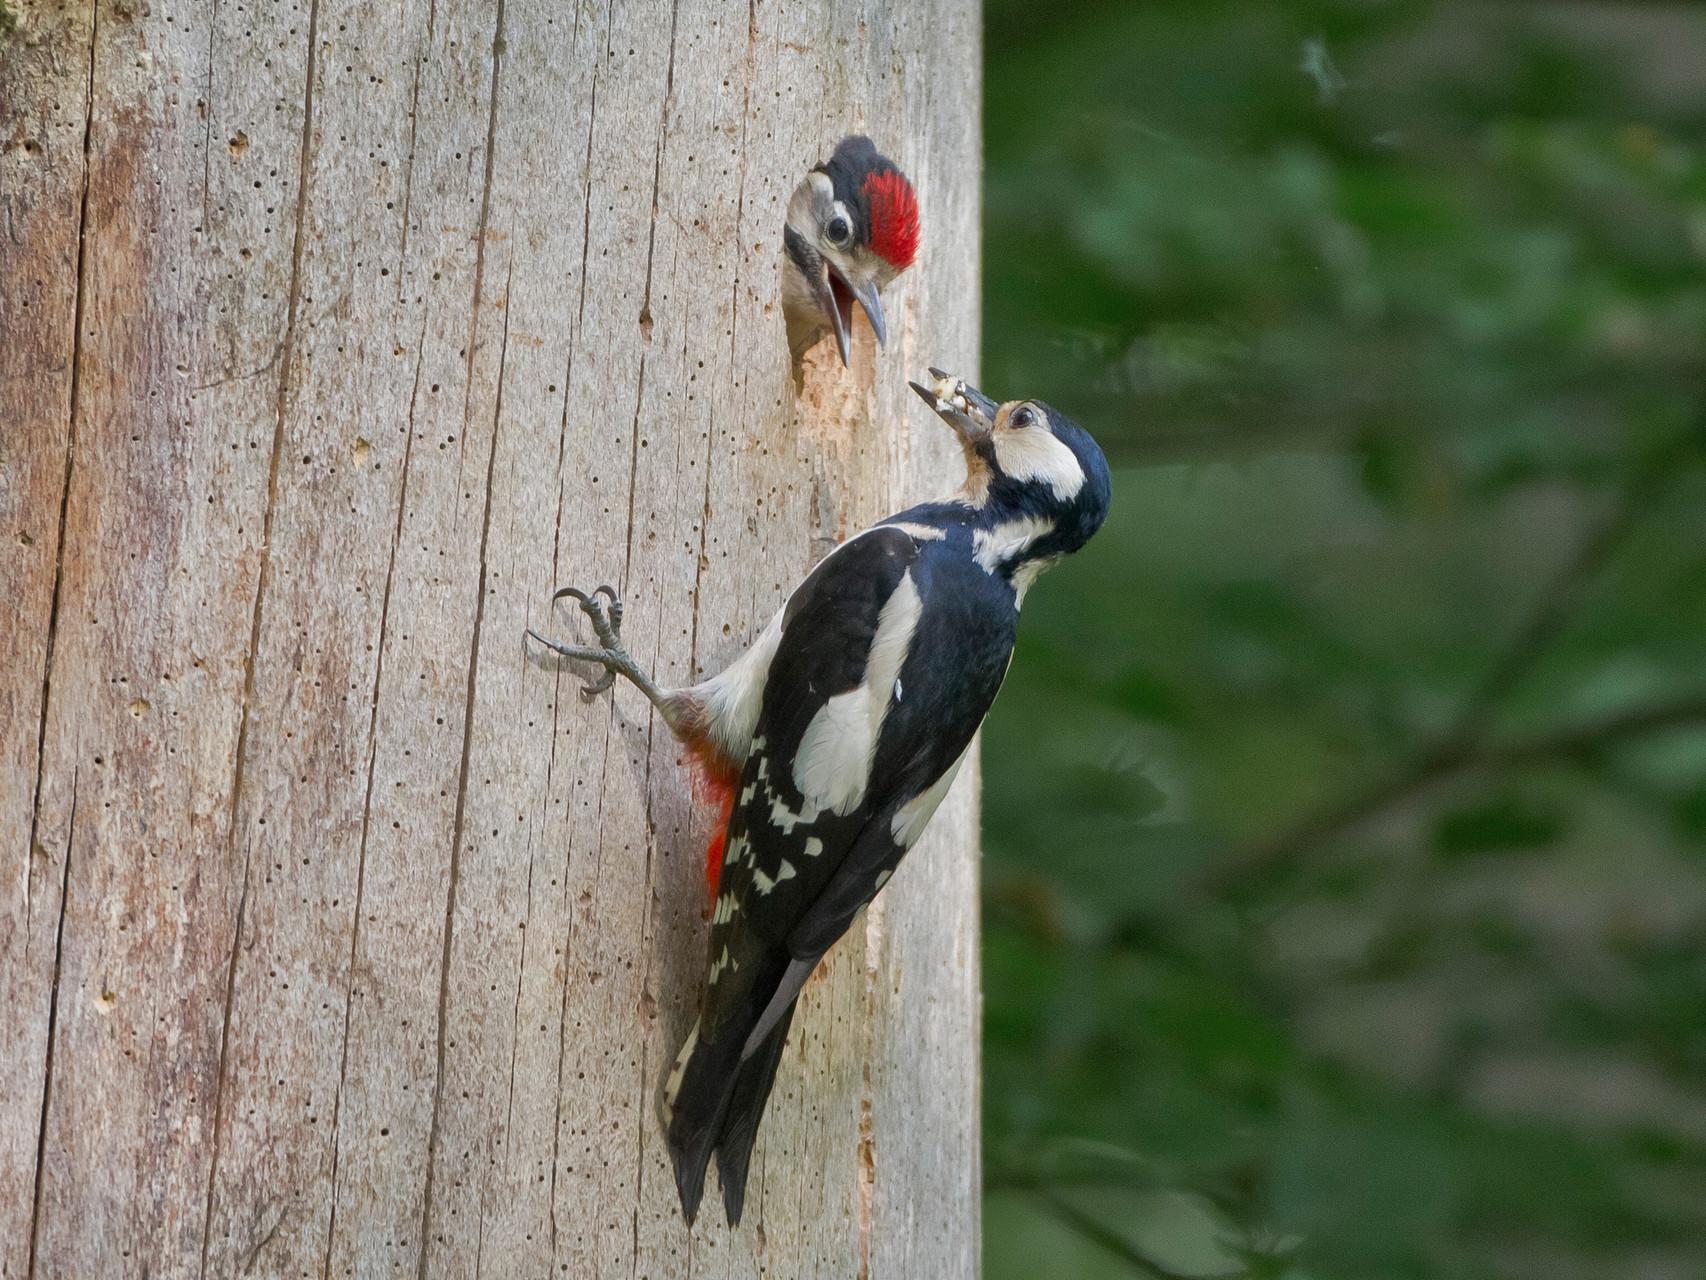 Die Altvögel (hier das Weibchen) bringen vor allem Insektenlarven zur Fütterung